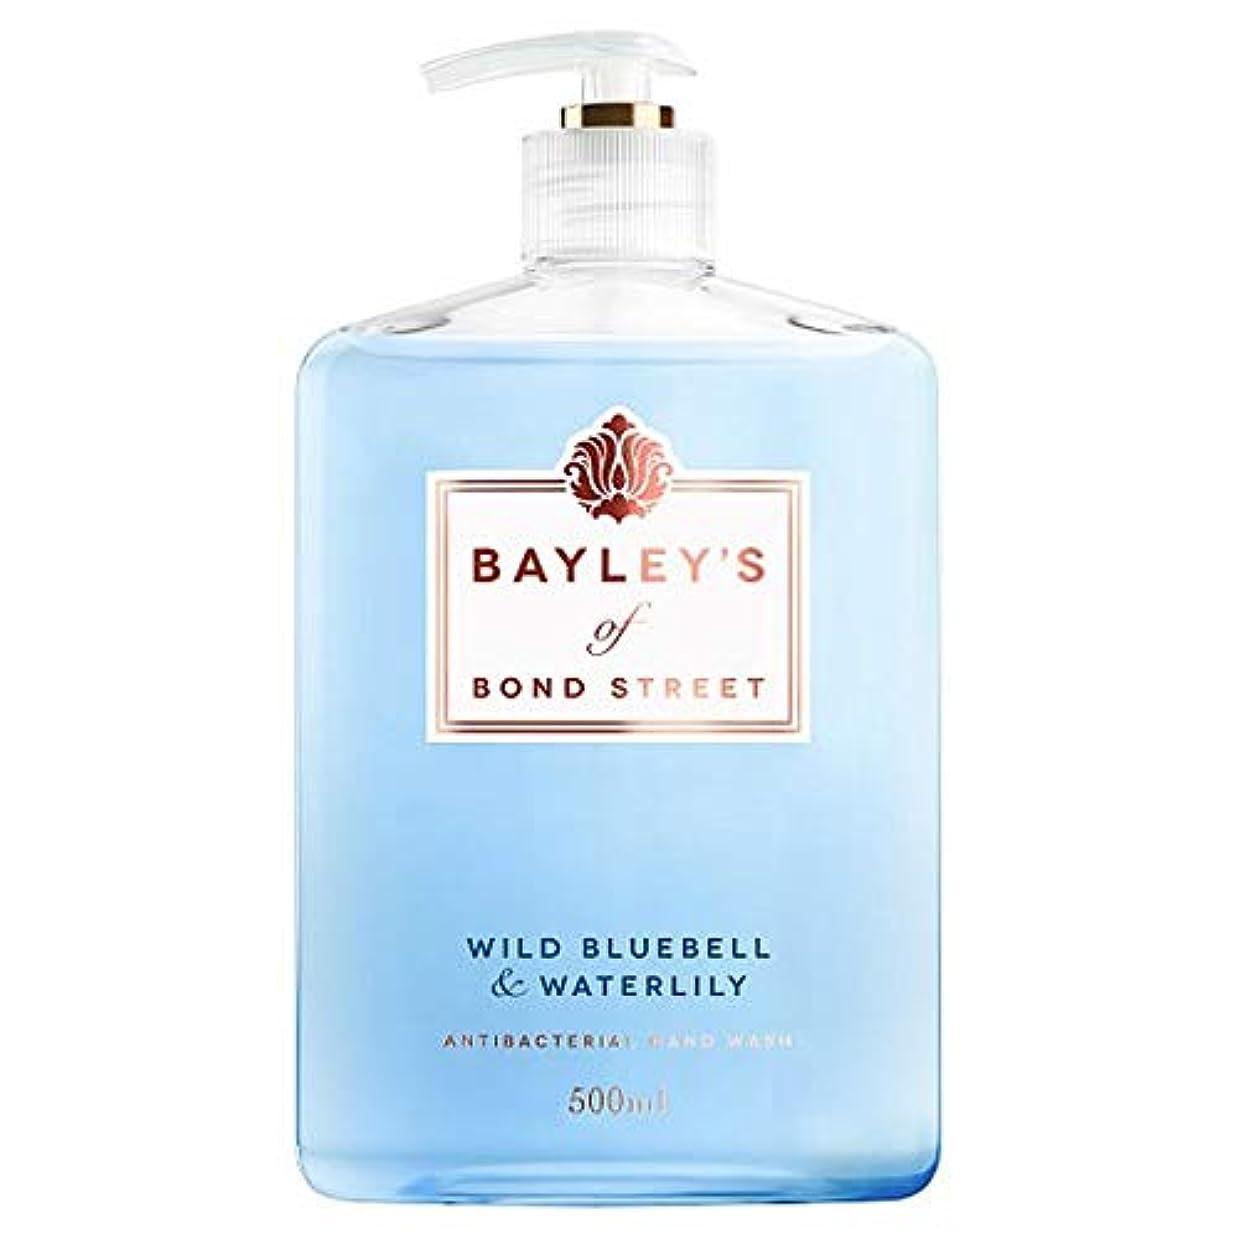 令状セッションラテン[Pz Cussons] ベイリーのボンドストリートブルーベルの手洗いの500ミリリットルの - Bayley's Of Bond Street Bluebell Handwash 500Ml [並行輸入品]